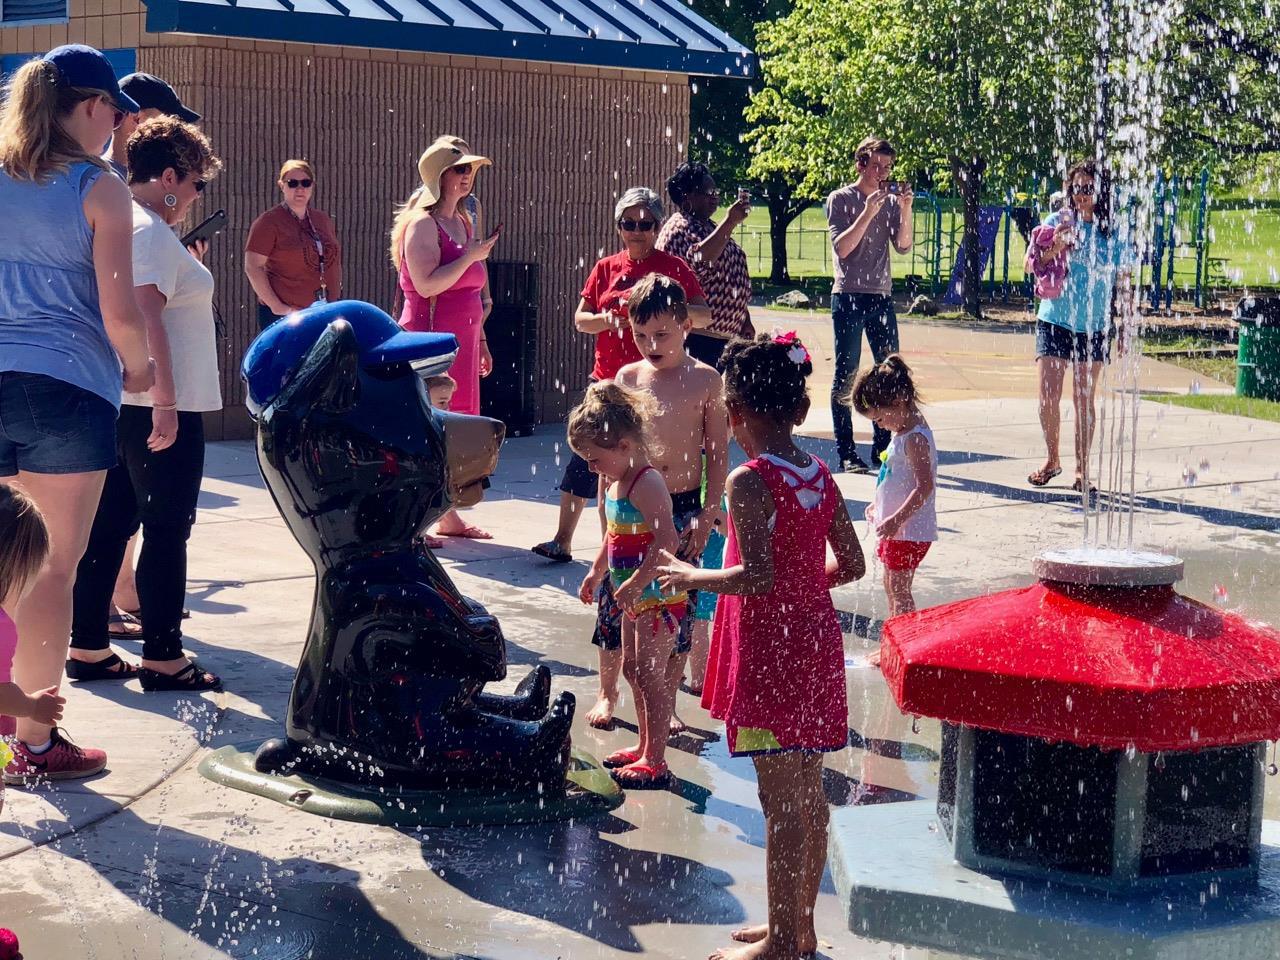 Aberdeen Park Splash Pad